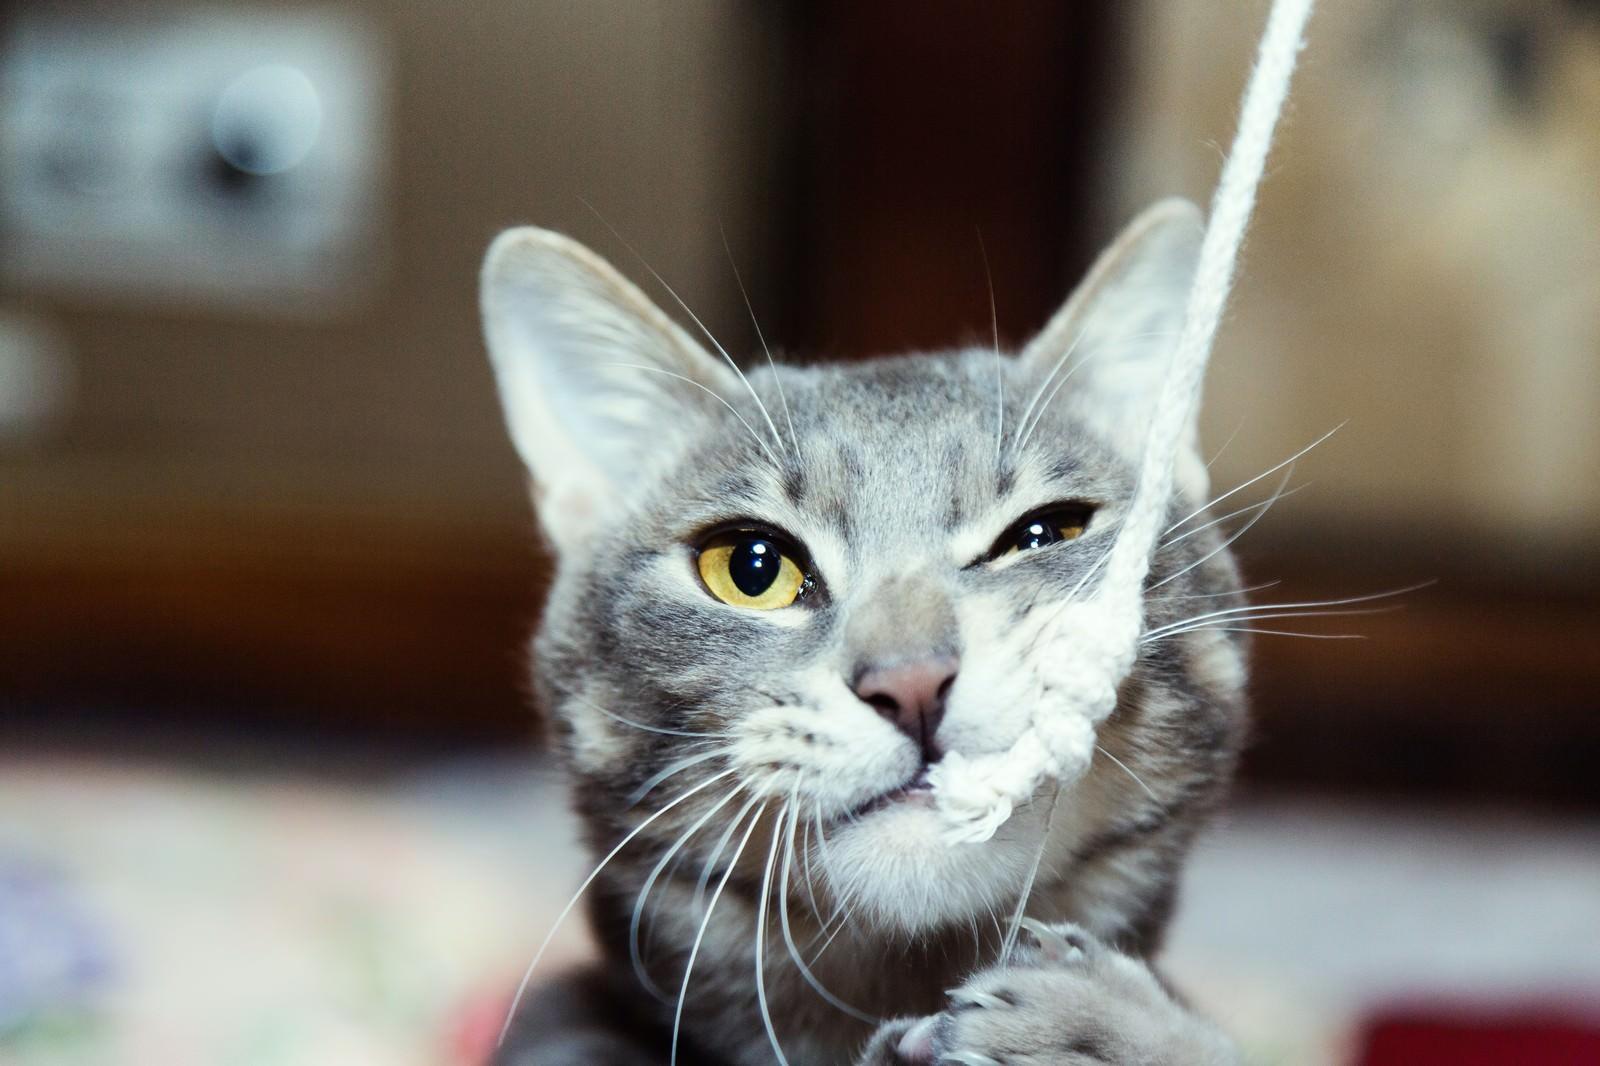 「でかい釣り針に見事釣られた猫」の写真